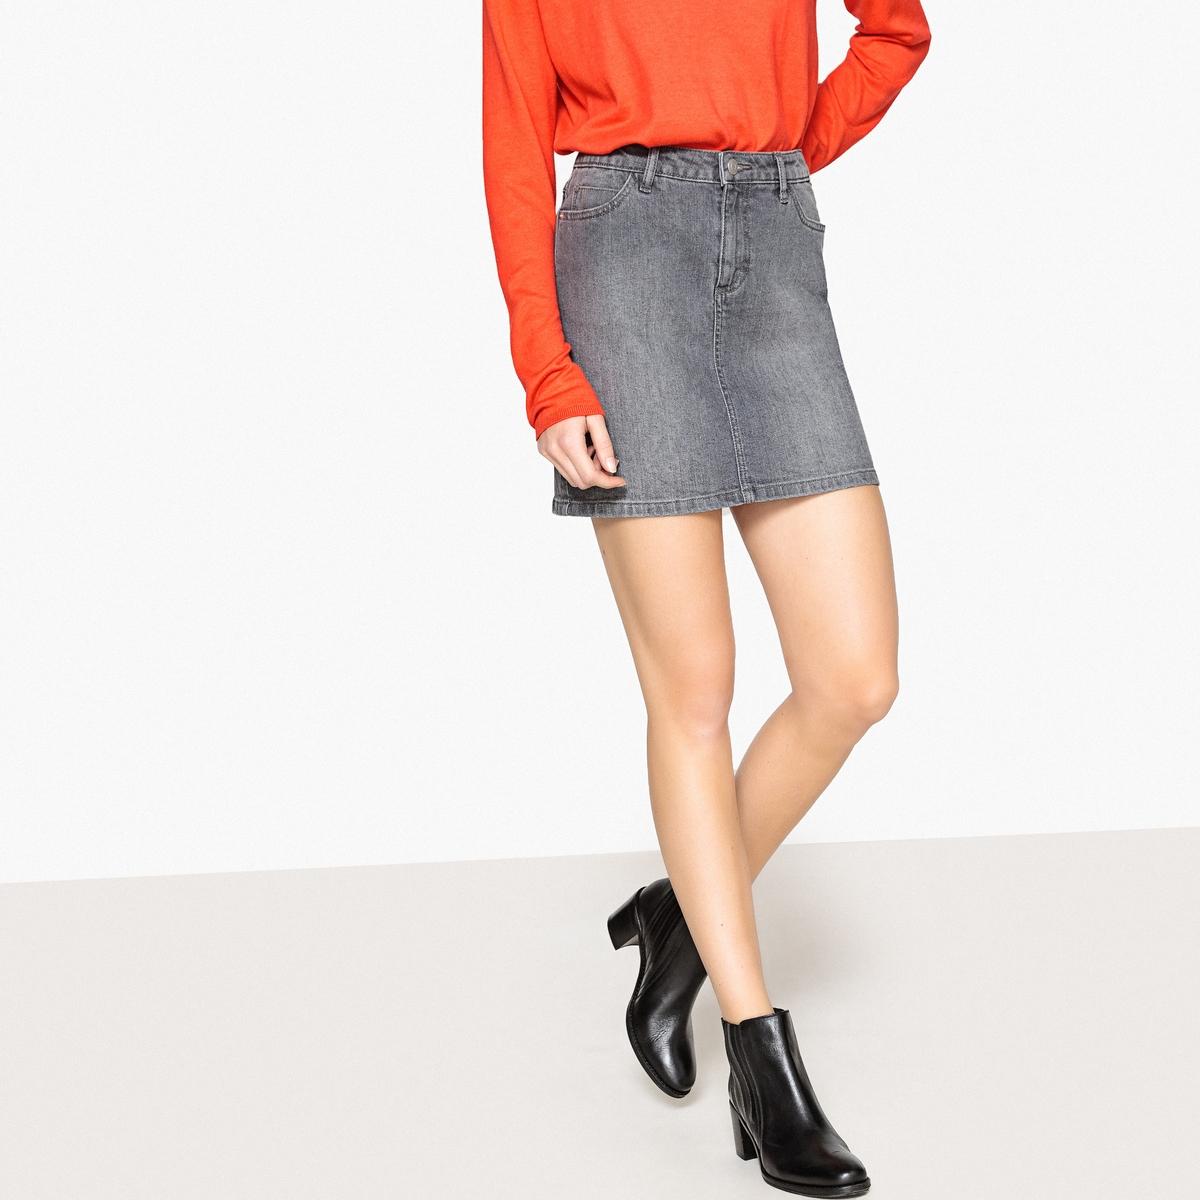 Юбка La Redoute Короткая прямая из джинсовой ткани 36 (FR) - 42 (RUS) серый юбка la redoute короткая прямая из ткани с пропиткой 40 fr 46 rus черный